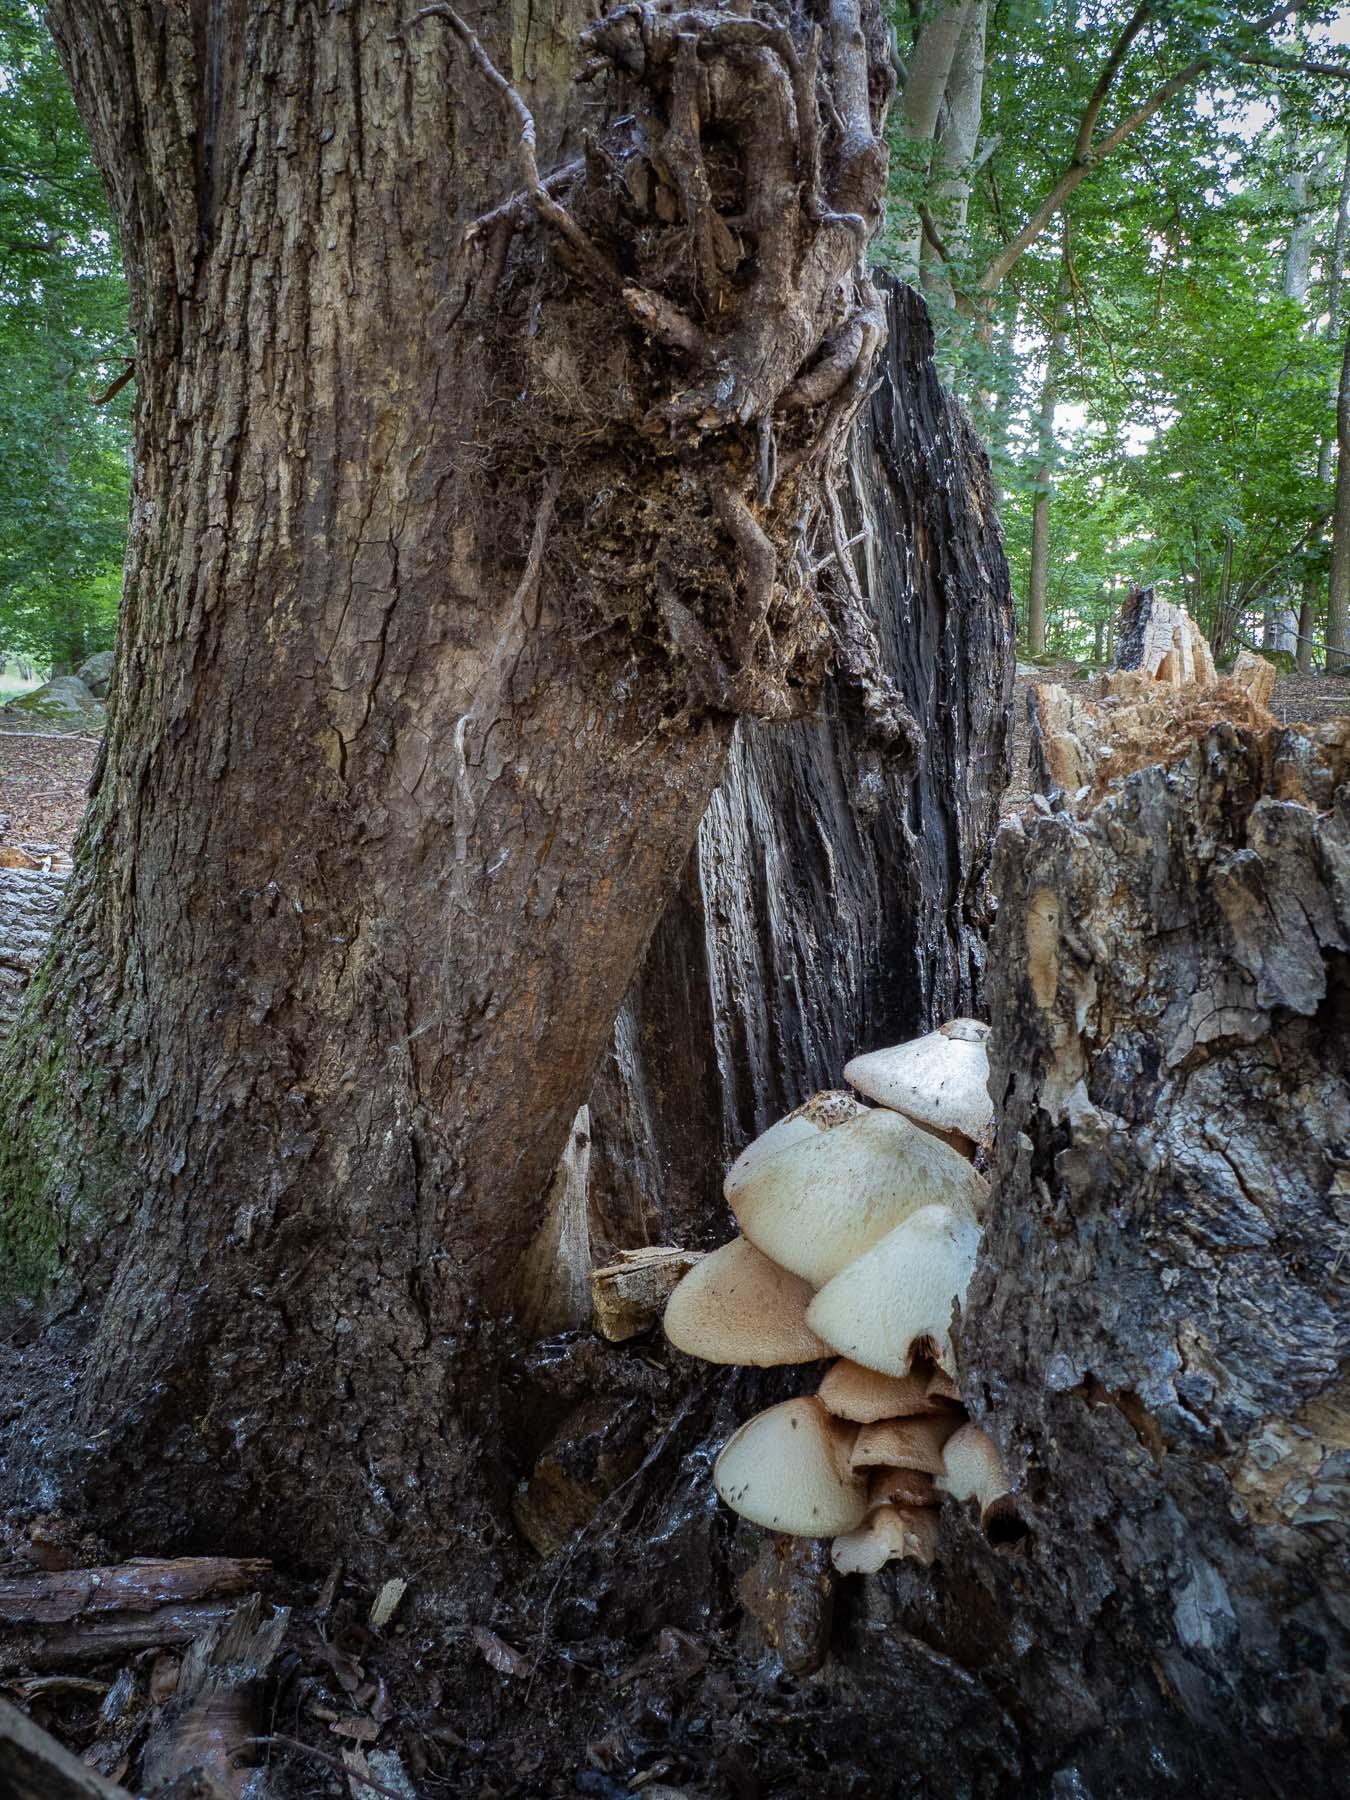 Вольвариелла шелковистая (Volvariella bombycina) в буково-ольховом лесу, Стокгольм, июль 2020 года. Автор фото: Сутормина Марина